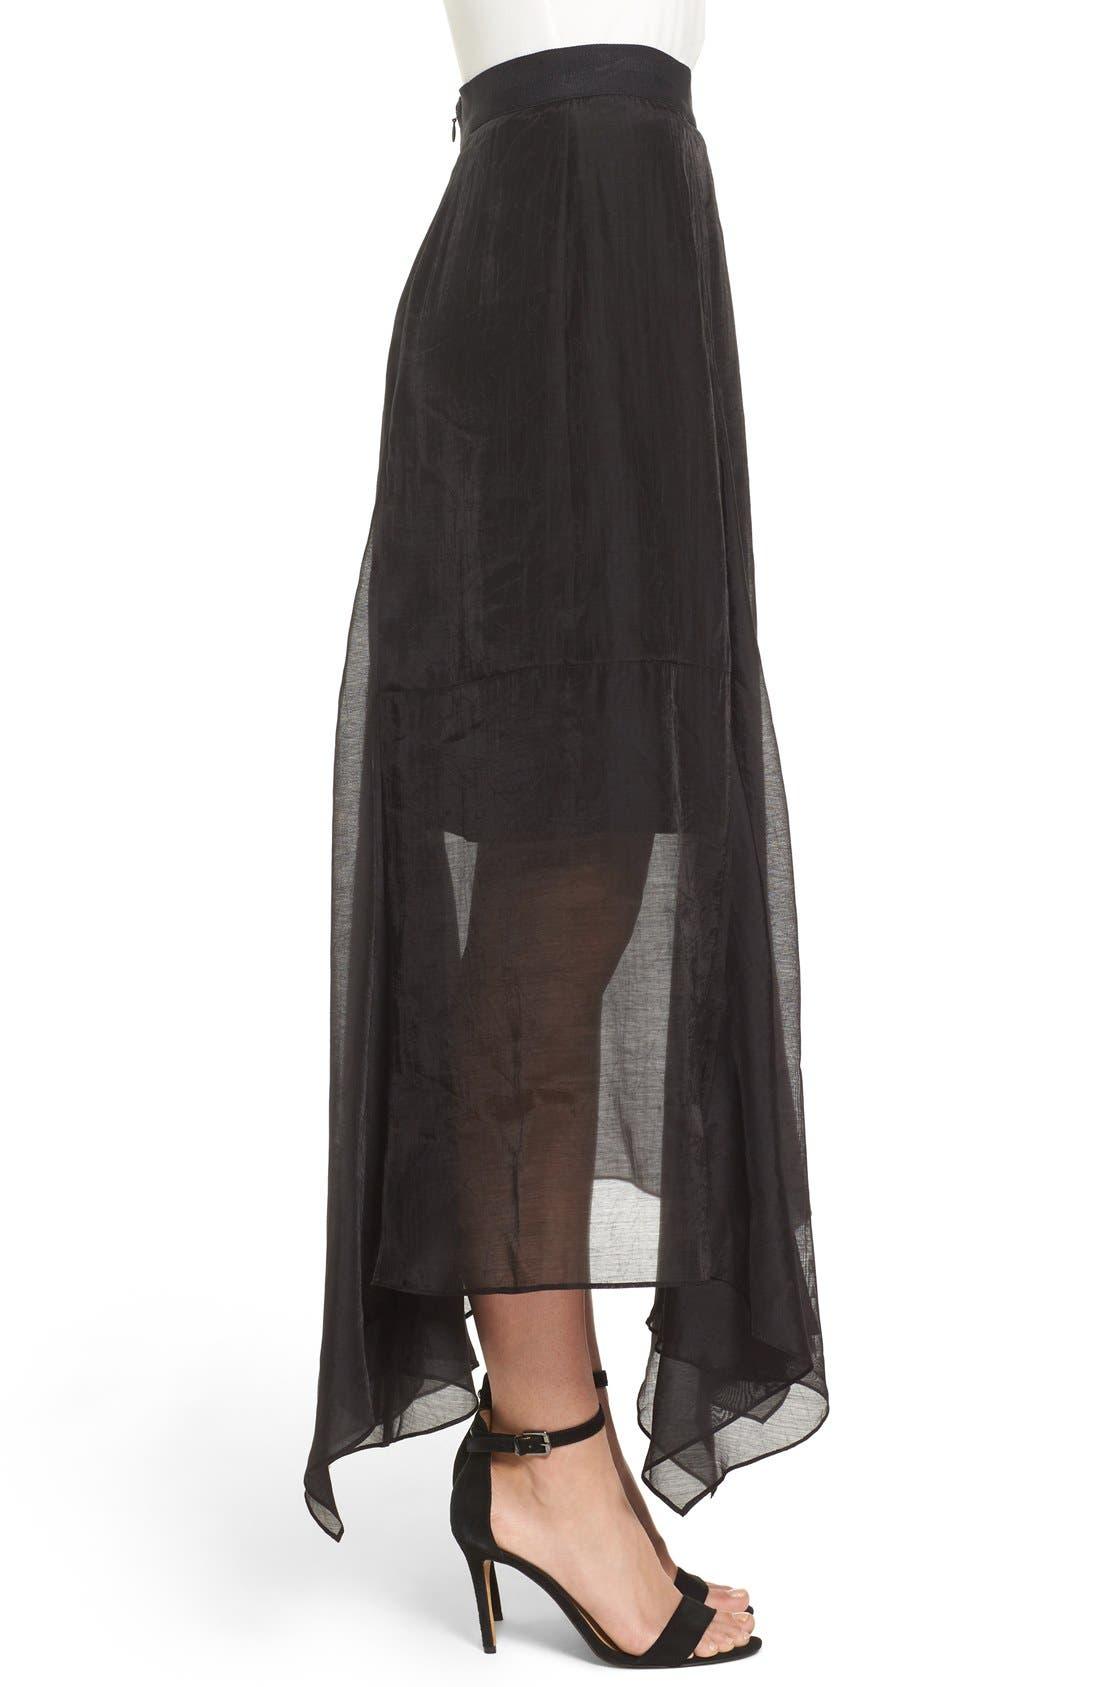 Batiste Party Skirt,                             Alternate thumbnail 2, color,                             004